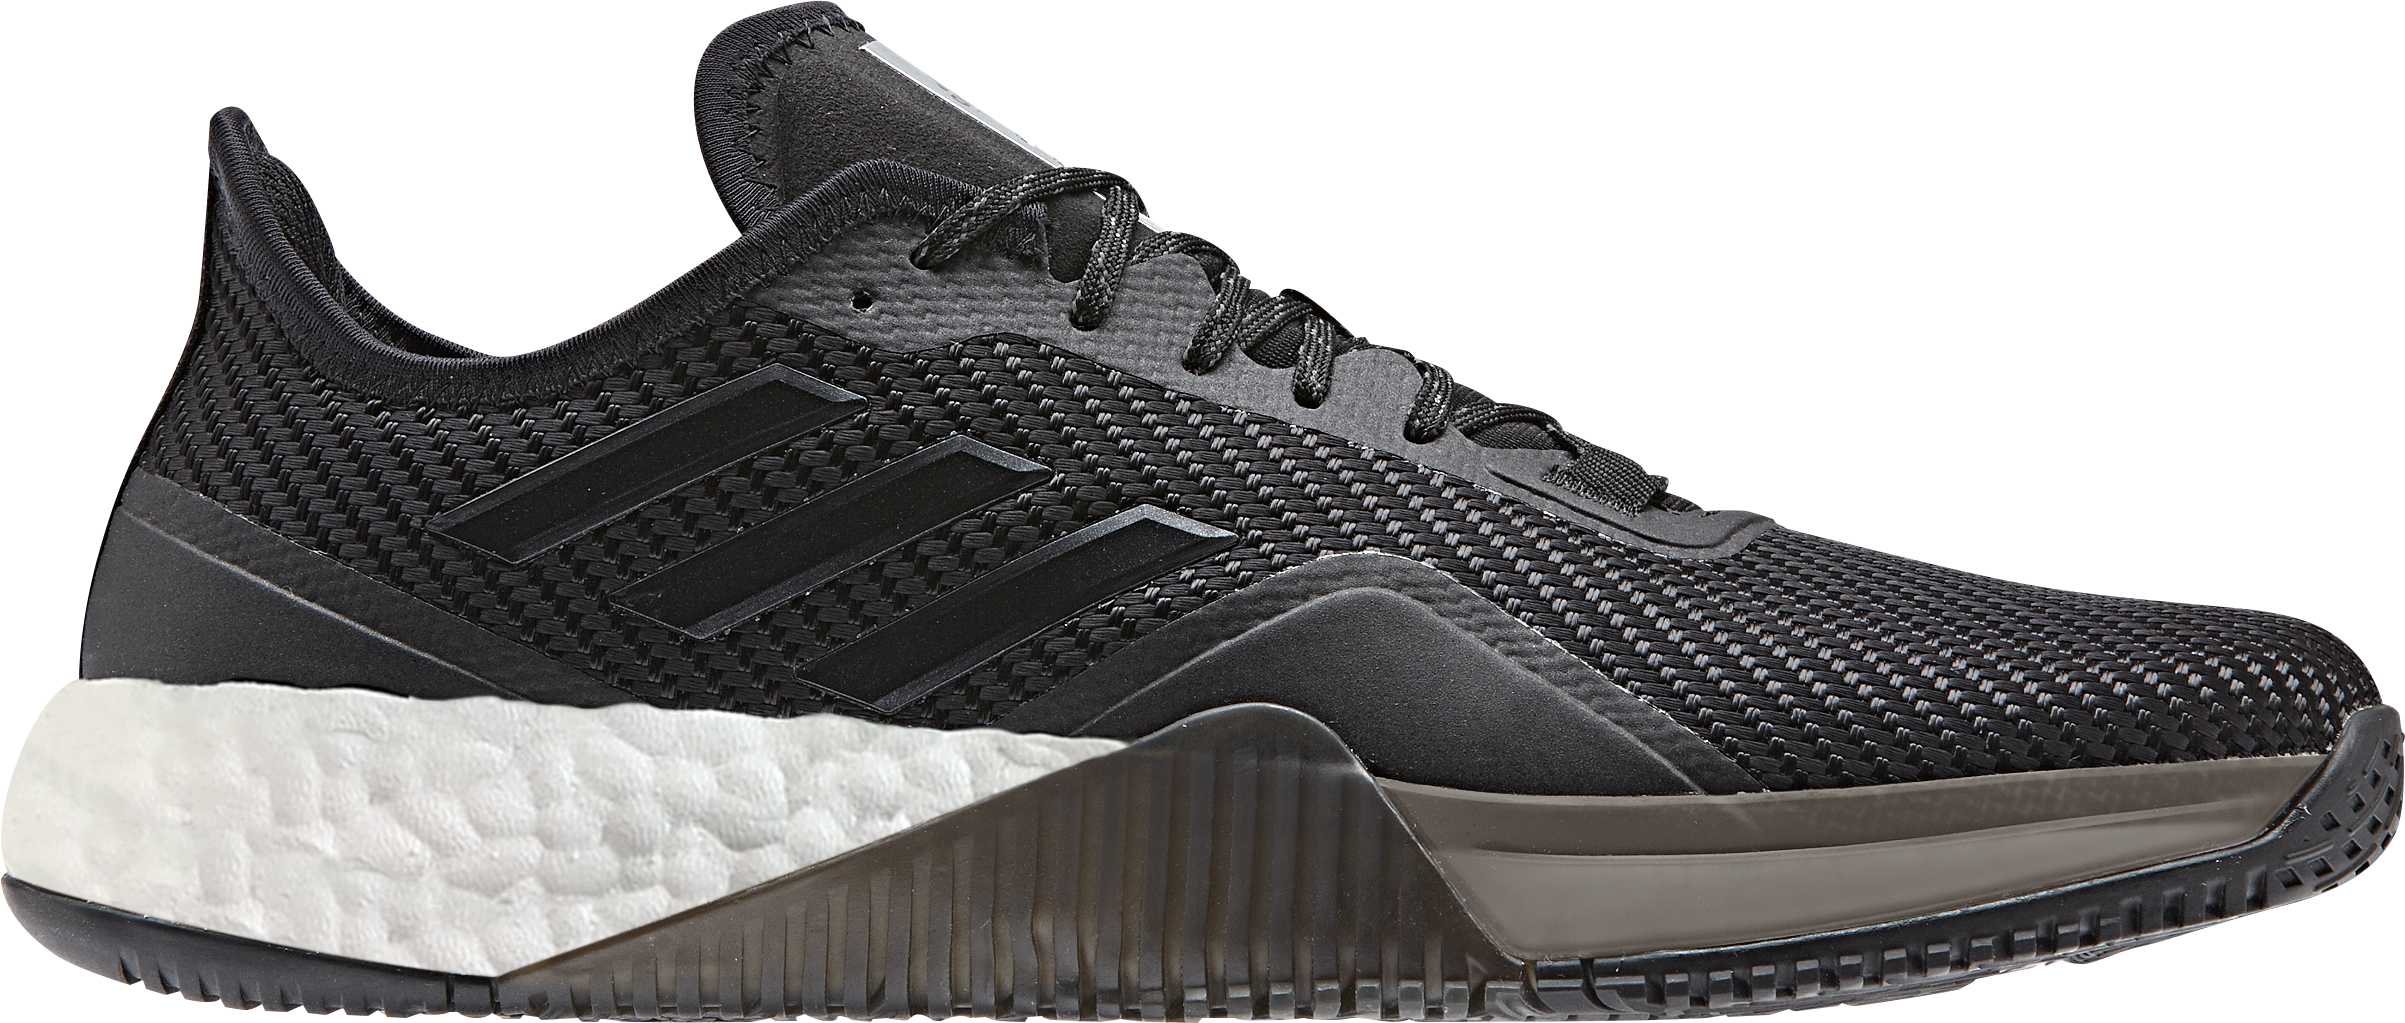 Adidas Crazy Train Elite Shoes - Men's